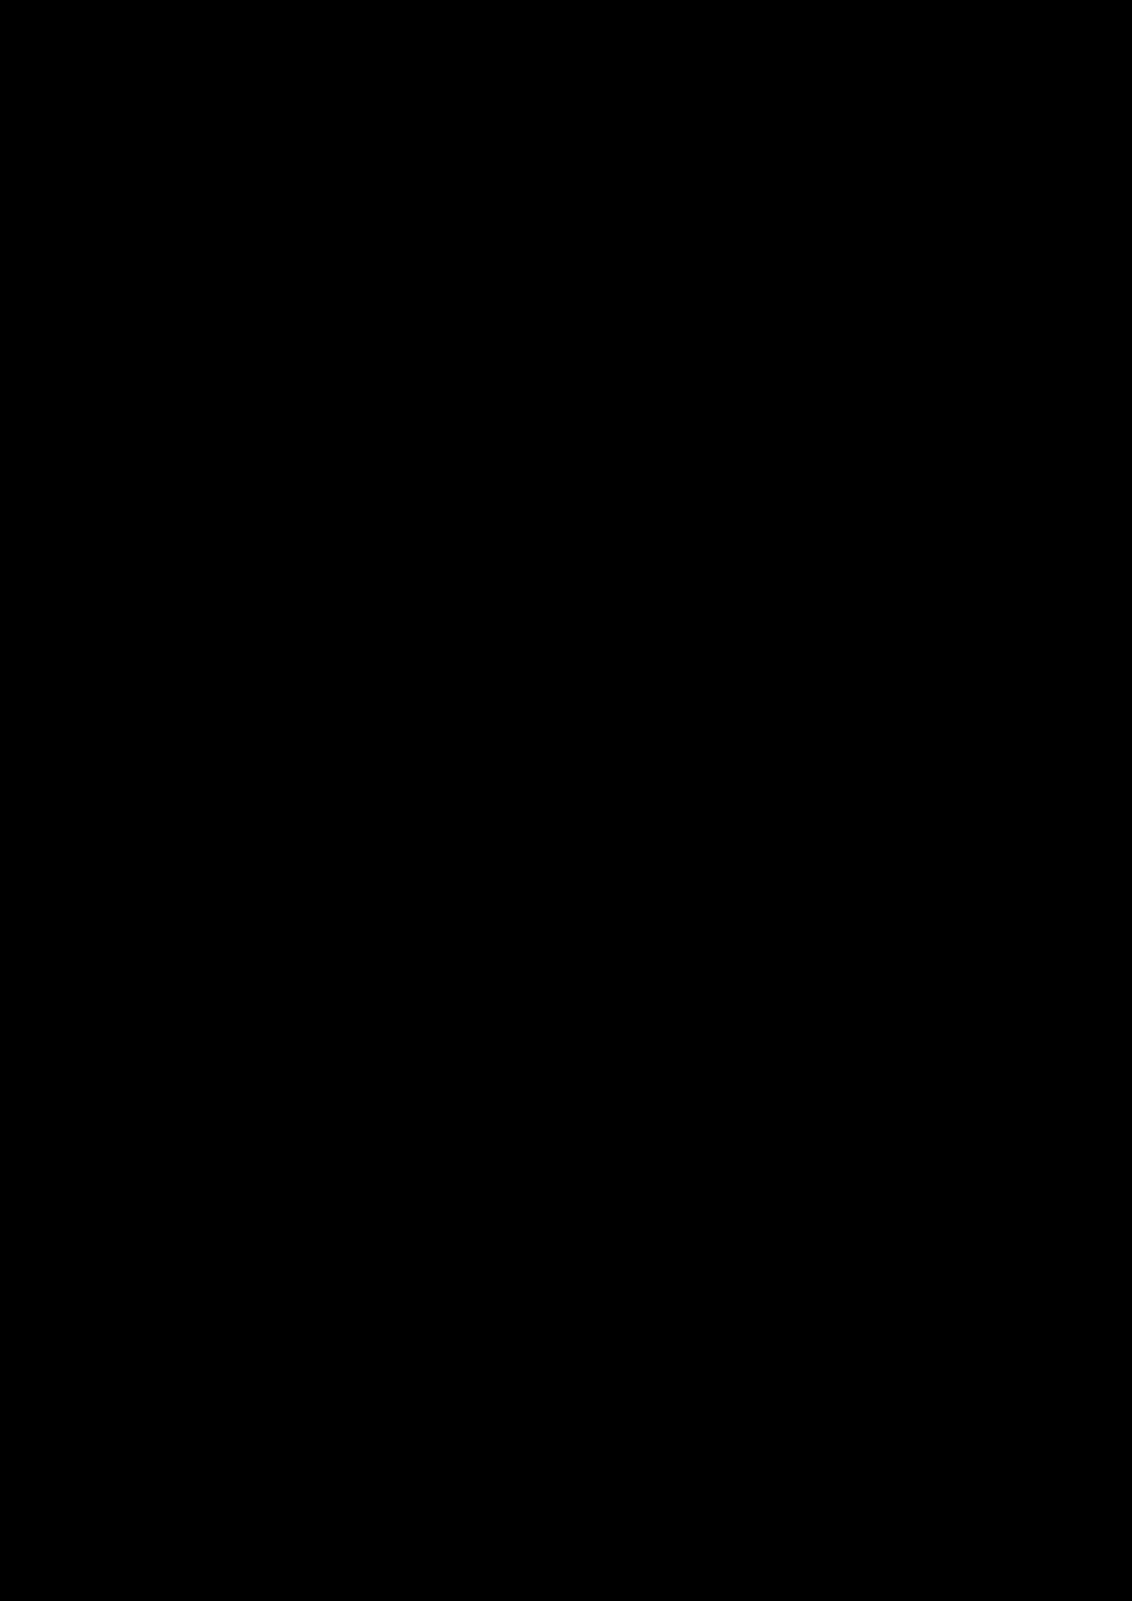 Serdtse slide, Image 15